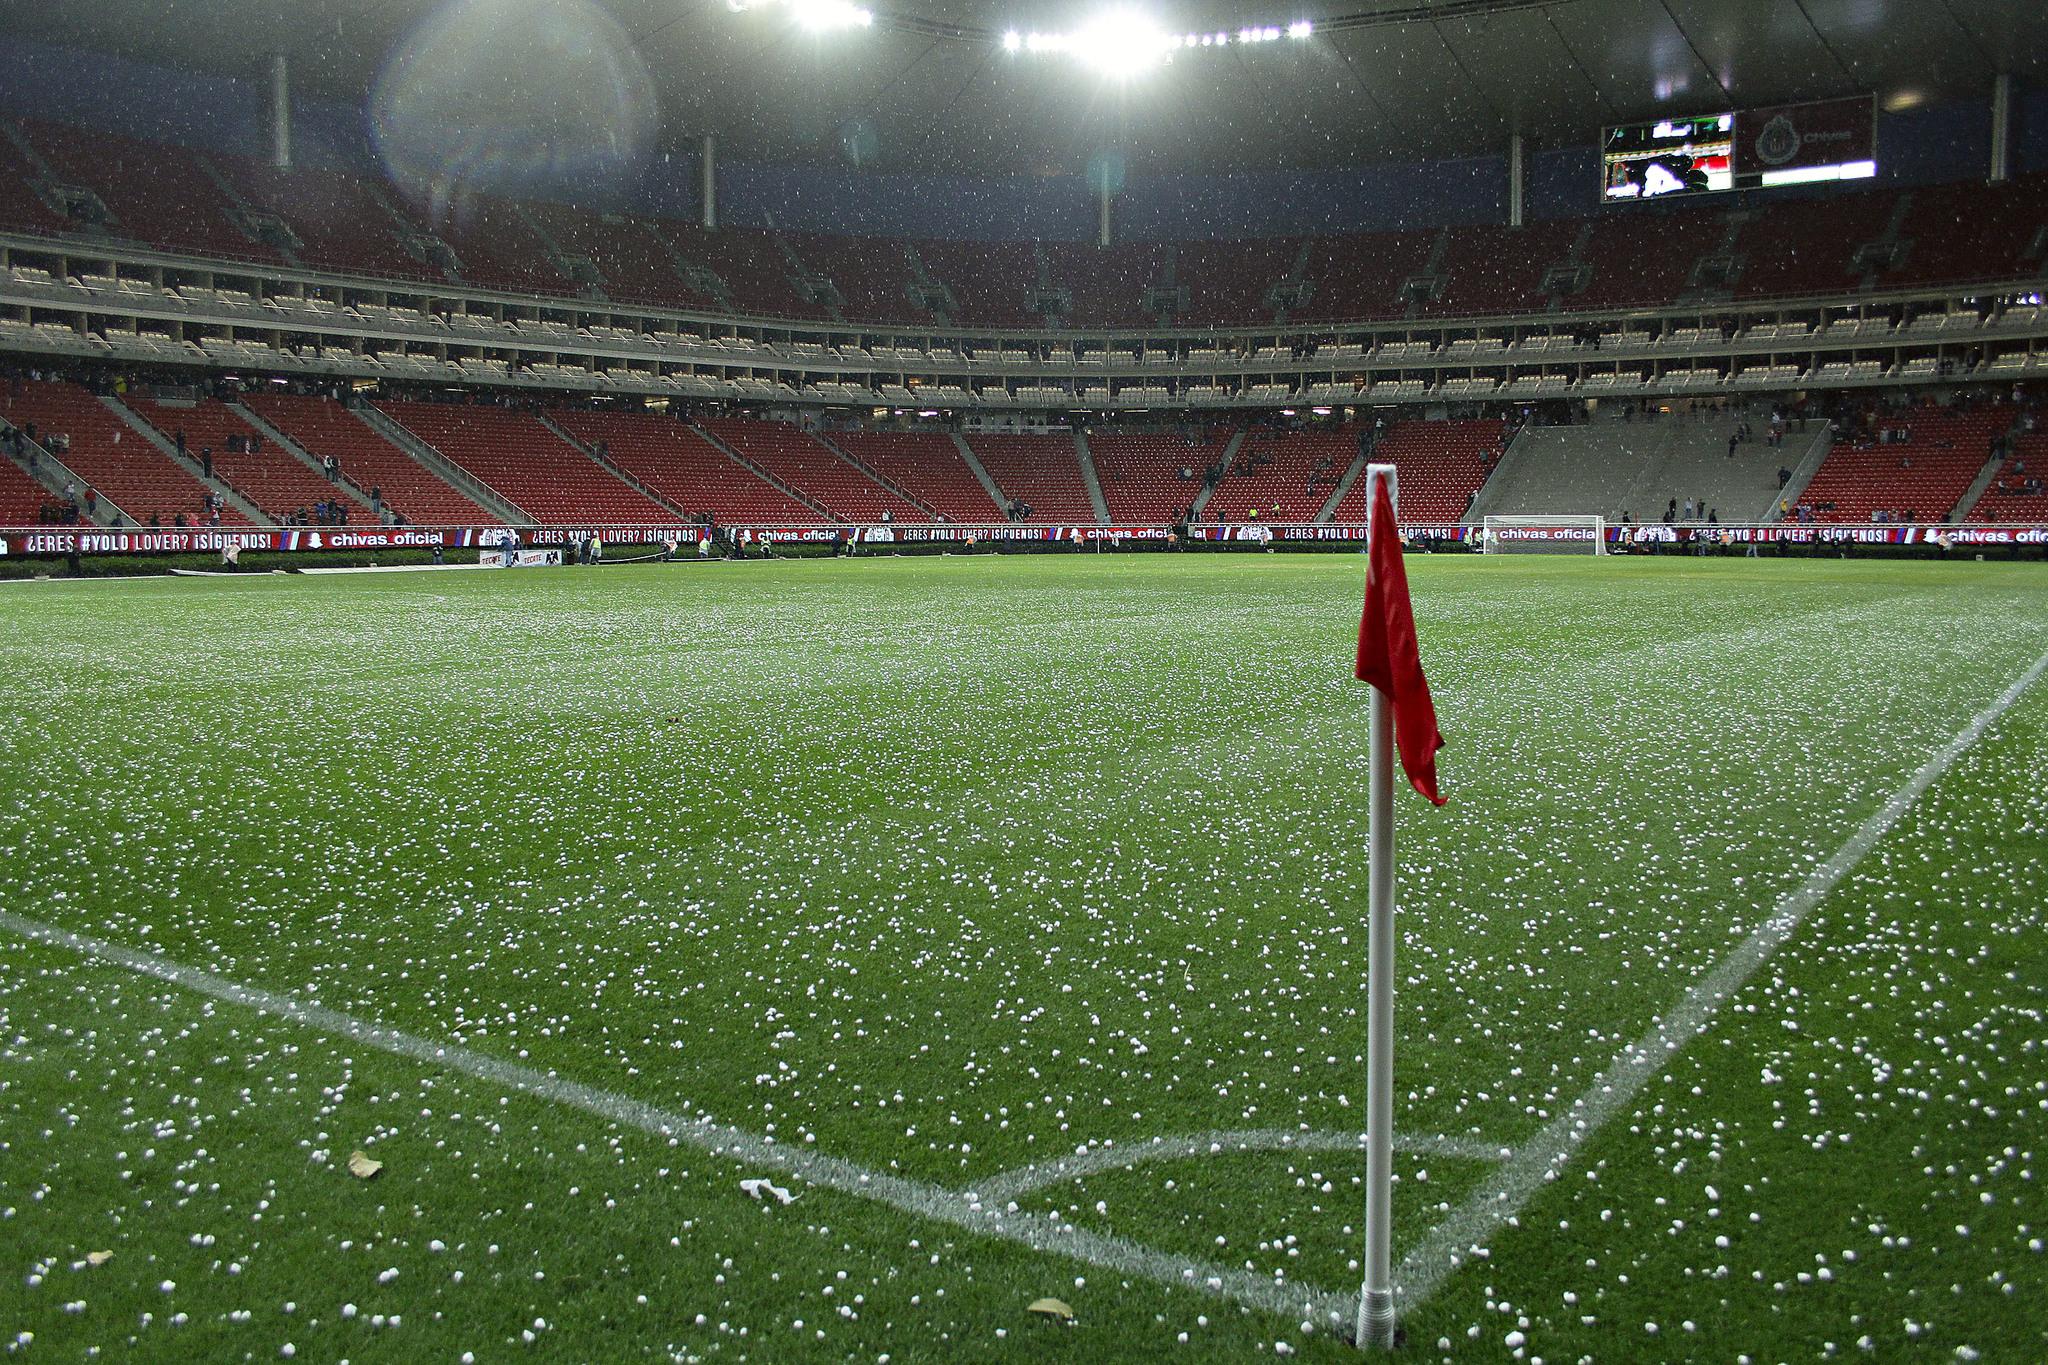 Liga MX Apertura 2020: Las cifras de Chivas en partidos oficiales en el Estadio  Akron | MARCA Claro México